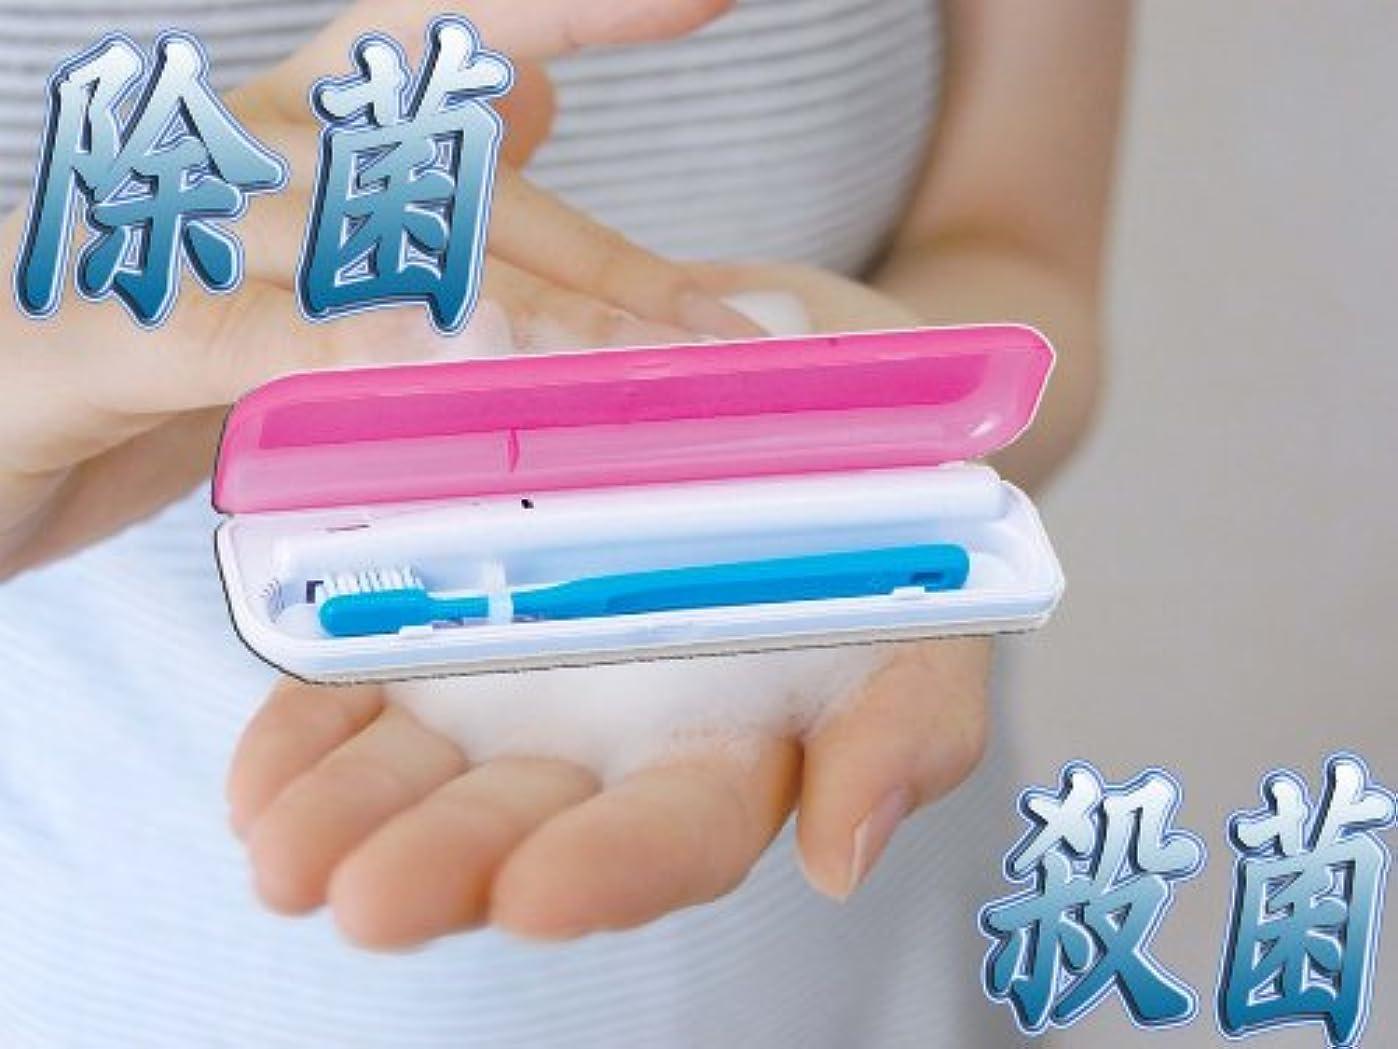 急勾配の政策机歯ブラシの隅々まで殺菌&除菌!! 除菌歯ブラシ 携帯ケース 電池式 15408